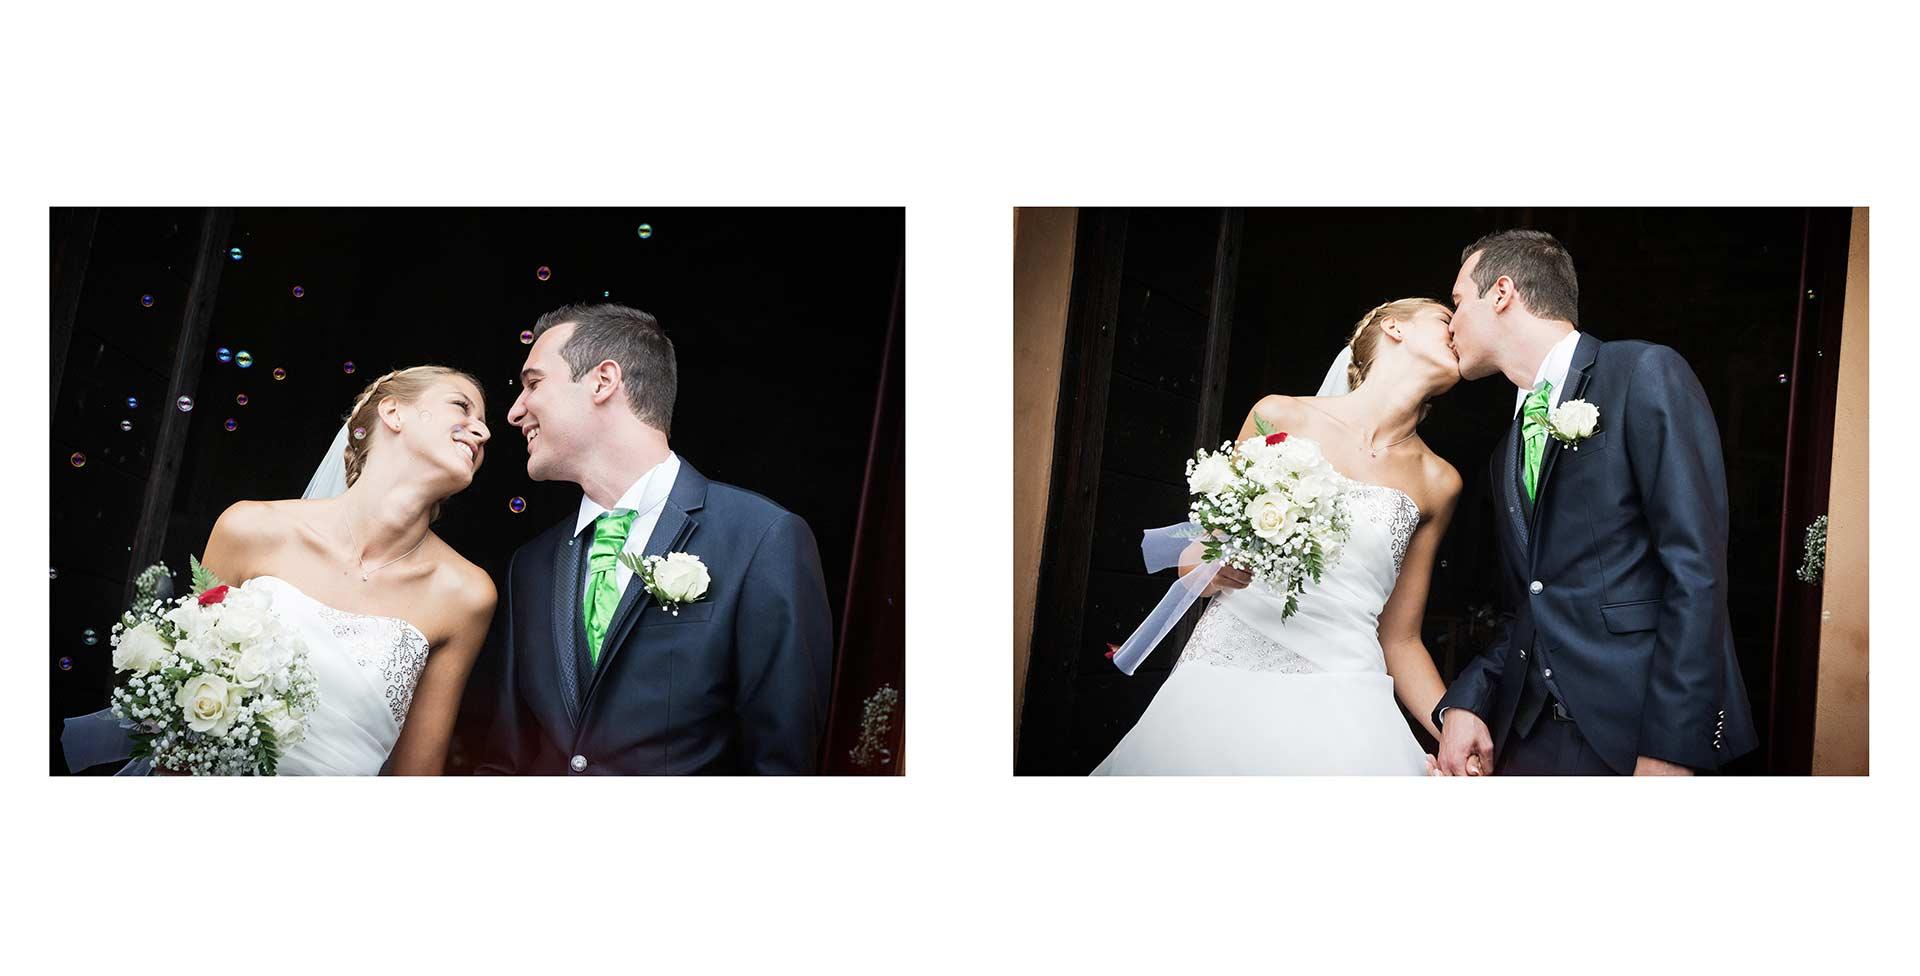 Gli sposi si lasciano andare in un bellissimo bacio